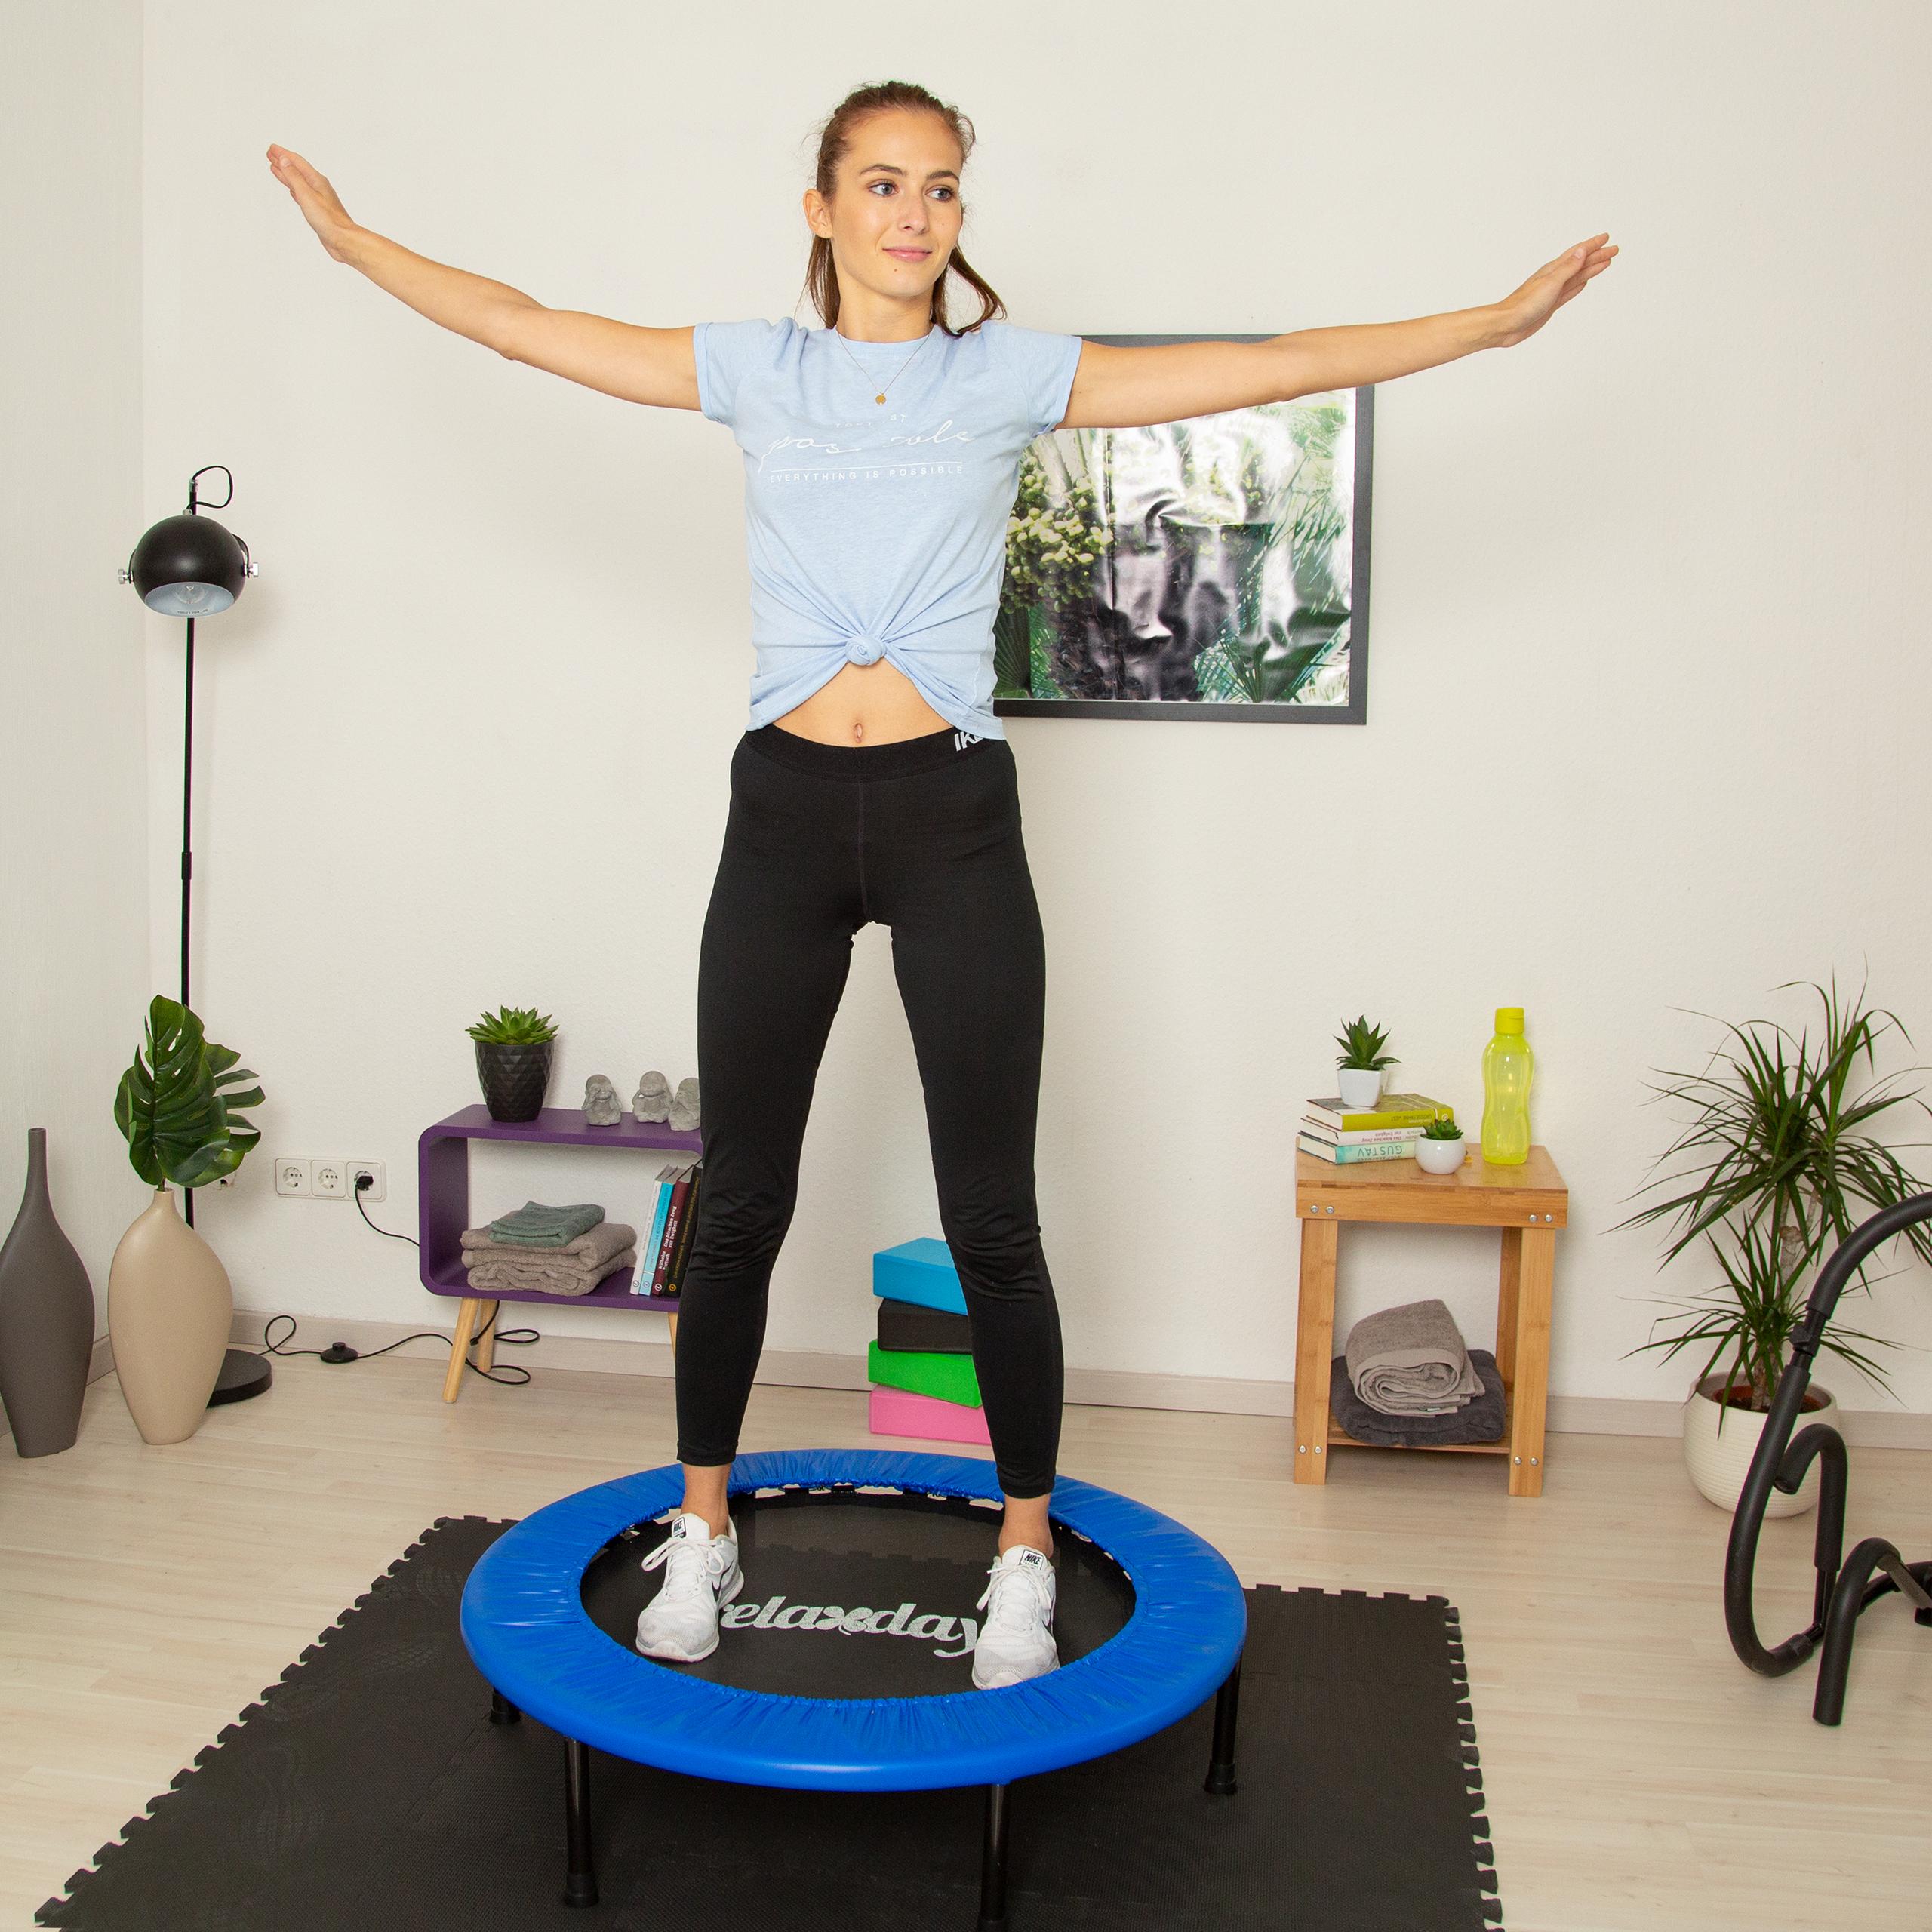 Fitness-Trampolin-Aerobic-Indoor-Fitnesstrampolin-Ausdauer-Training-bis-100-kg Indexbild 3